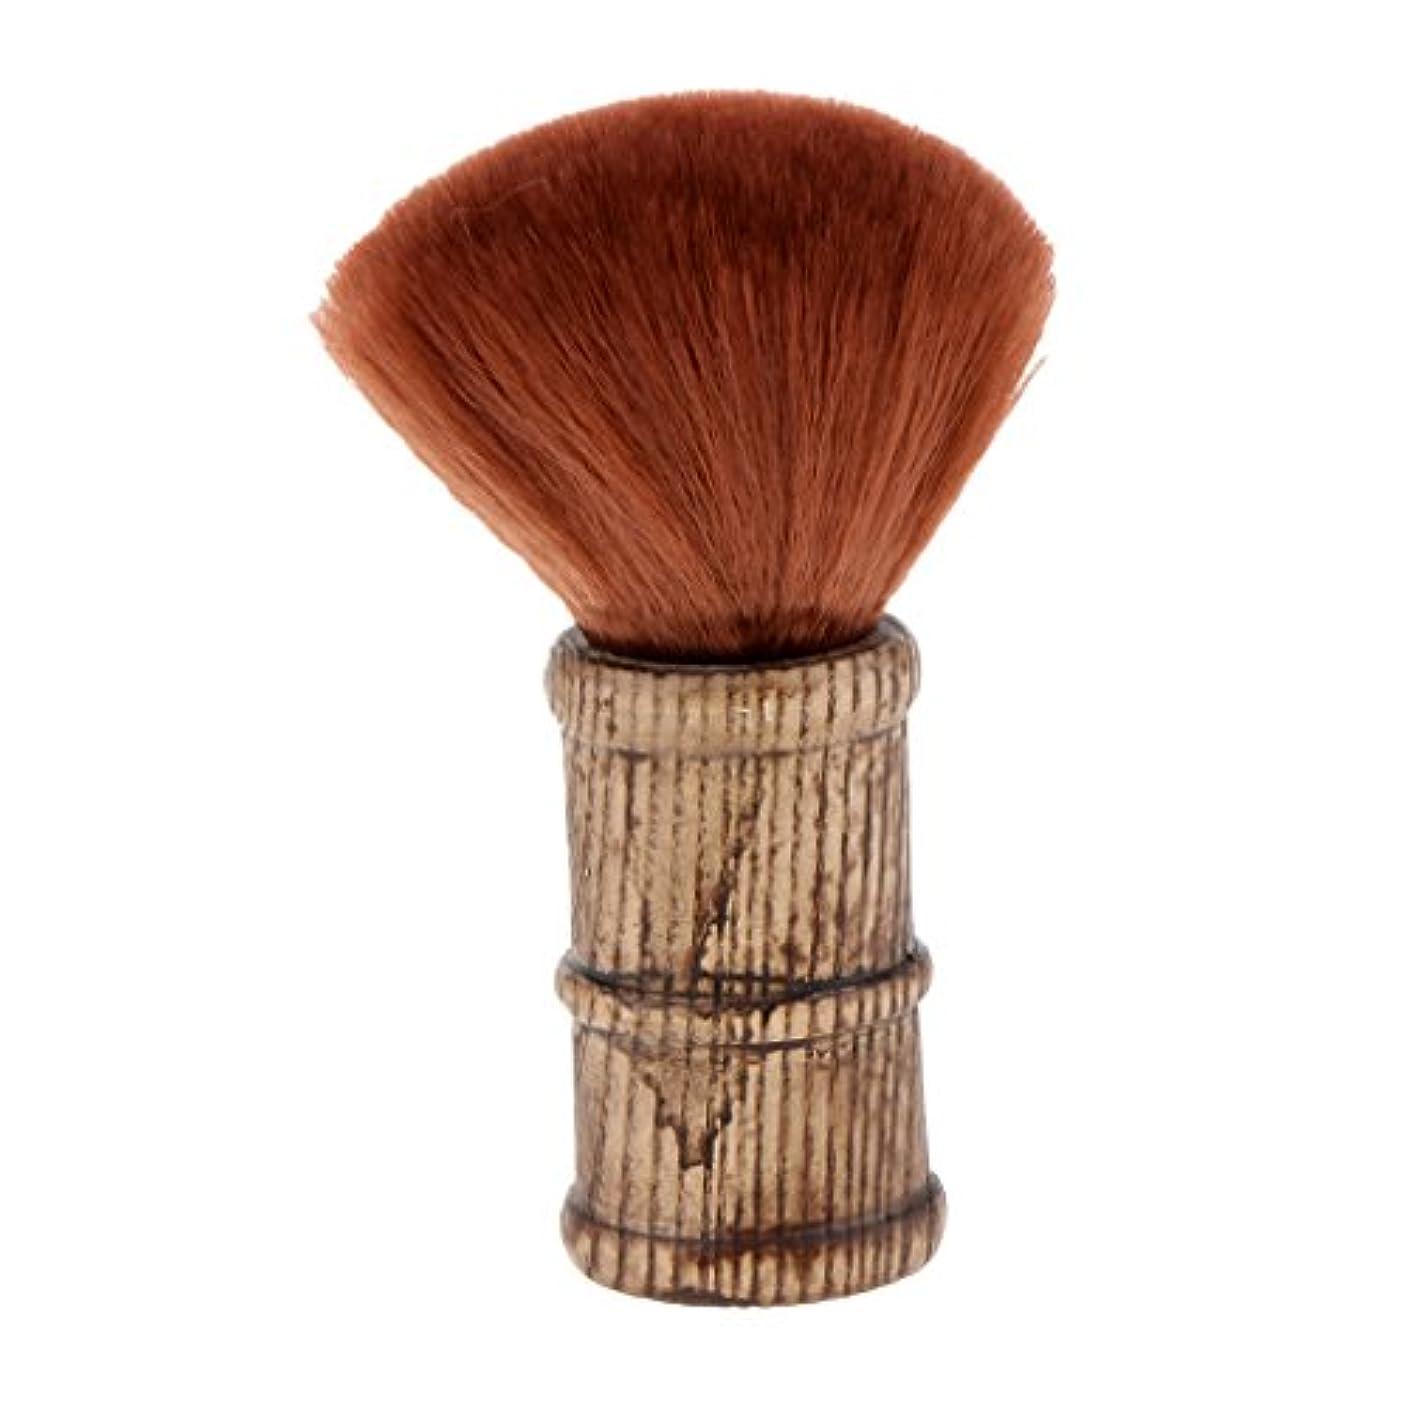 不快な刑務所バトルヘアカット 散髪 クリーニングヘアブラシ ネックダスターブラシ ヘアスイープブラシ 2色選べる - 褐色